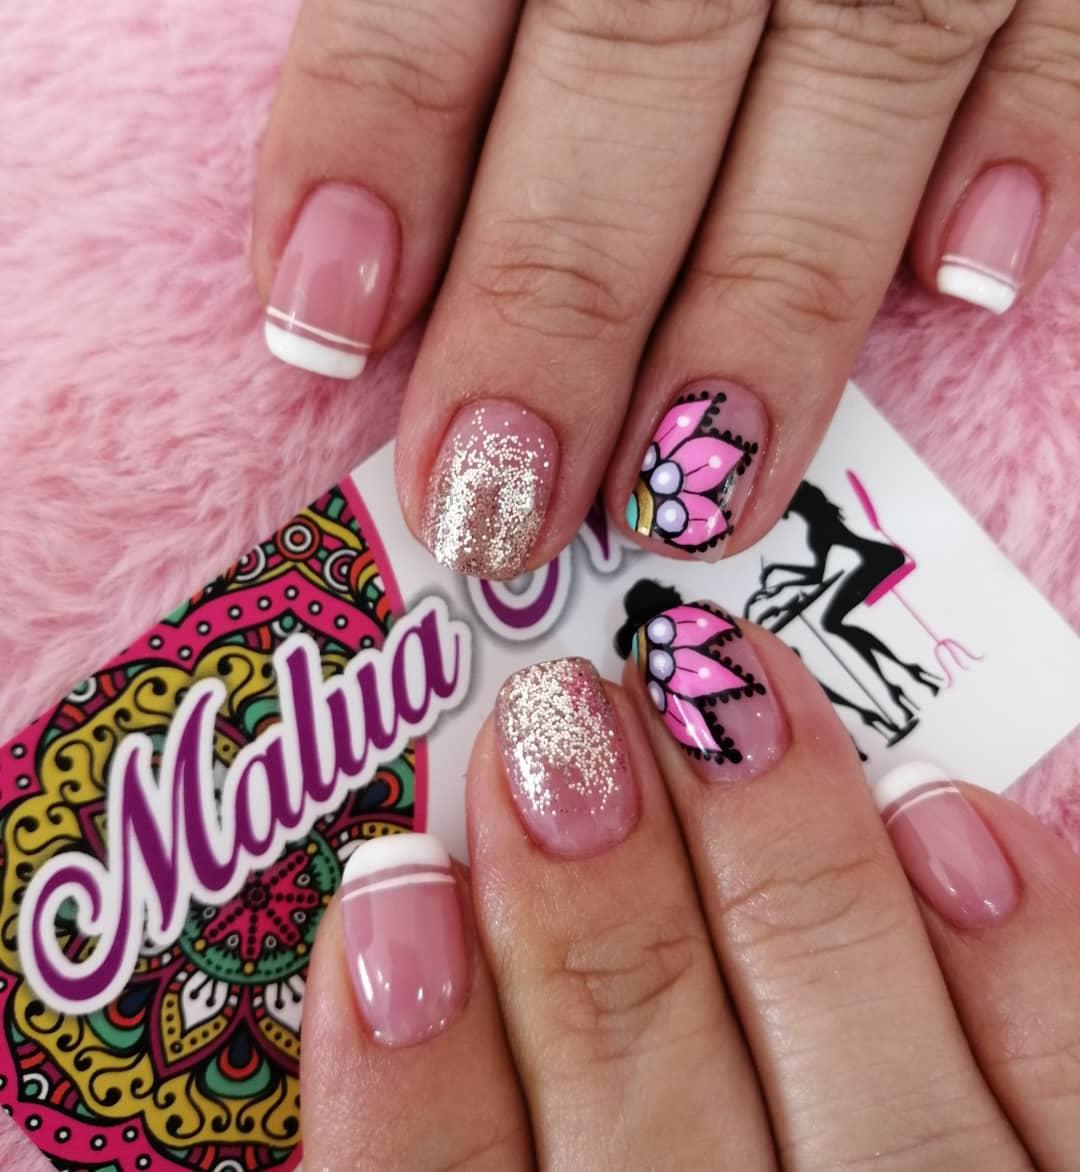 #nails #nailsalon #nailsoftheday #nailartist #nailsofinstagram #nailart #nails ...